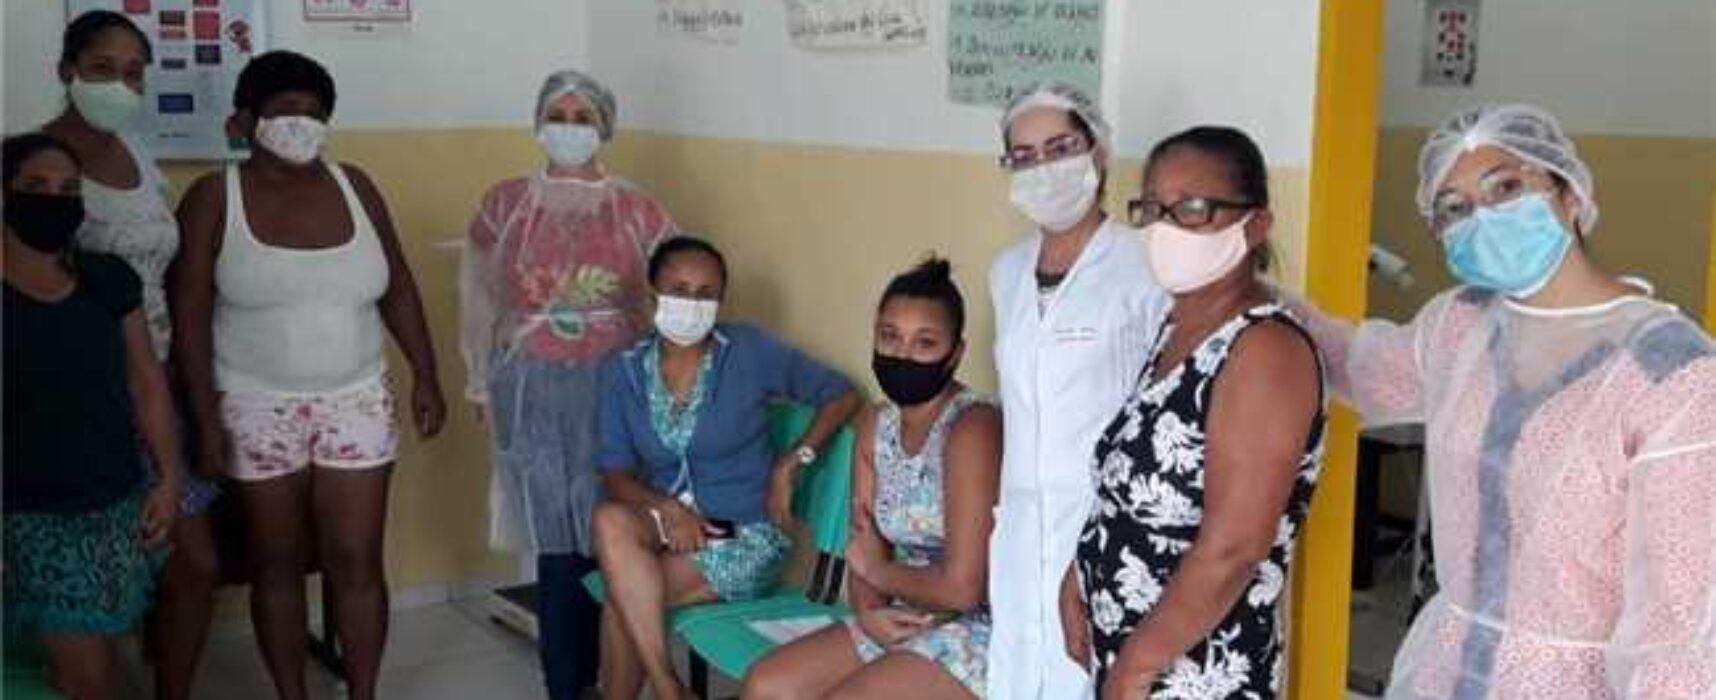 Saúde divulga balanço semanal da vacinação contra a Covid-19 na zona rural de Ilhéus